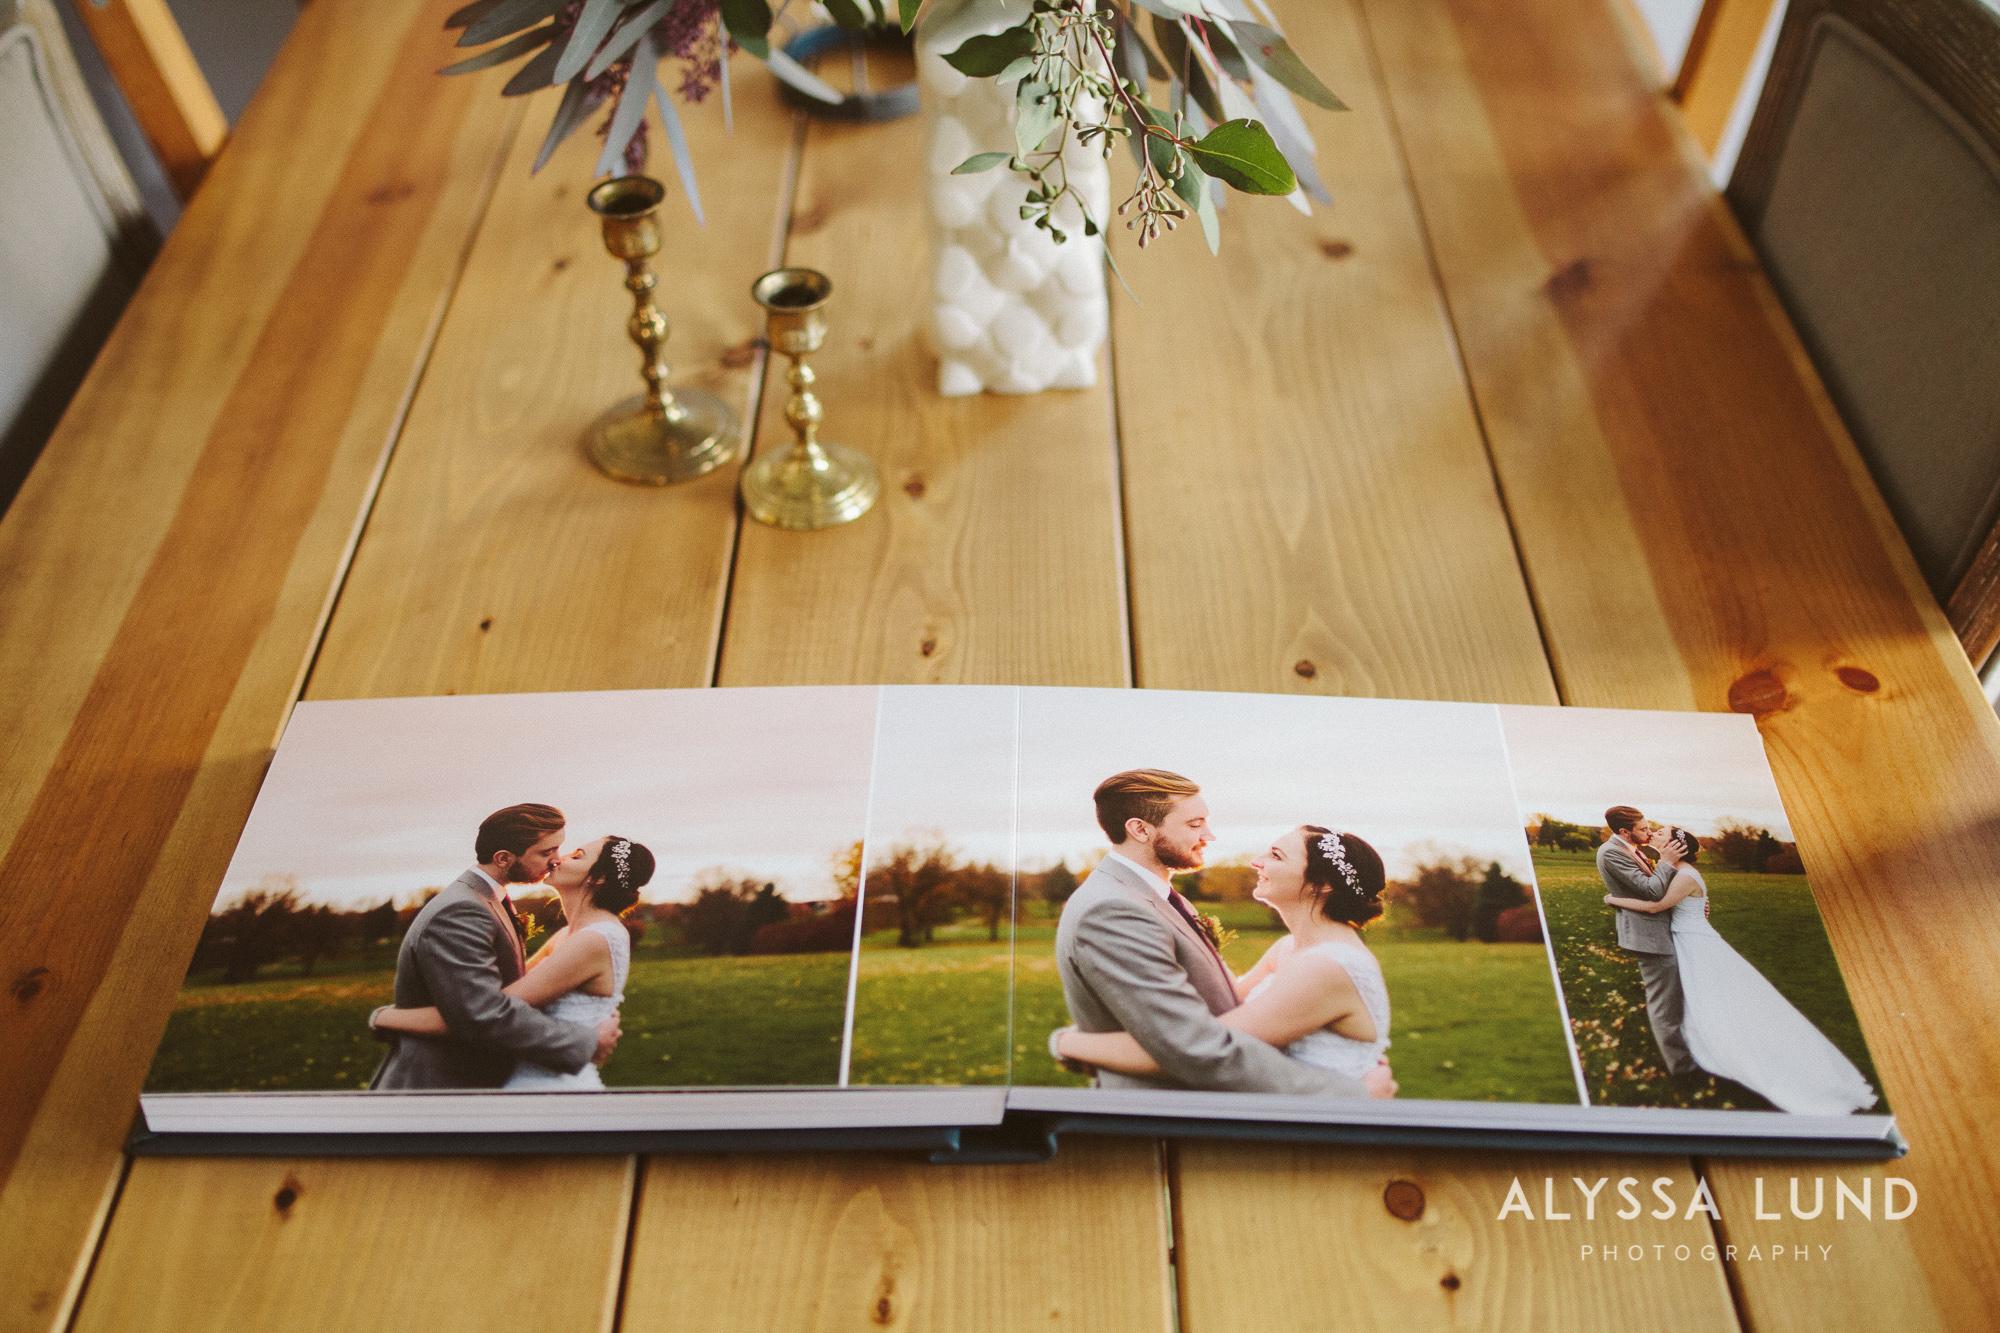 wedding album by Alyssa Lund Photography-03.jpg